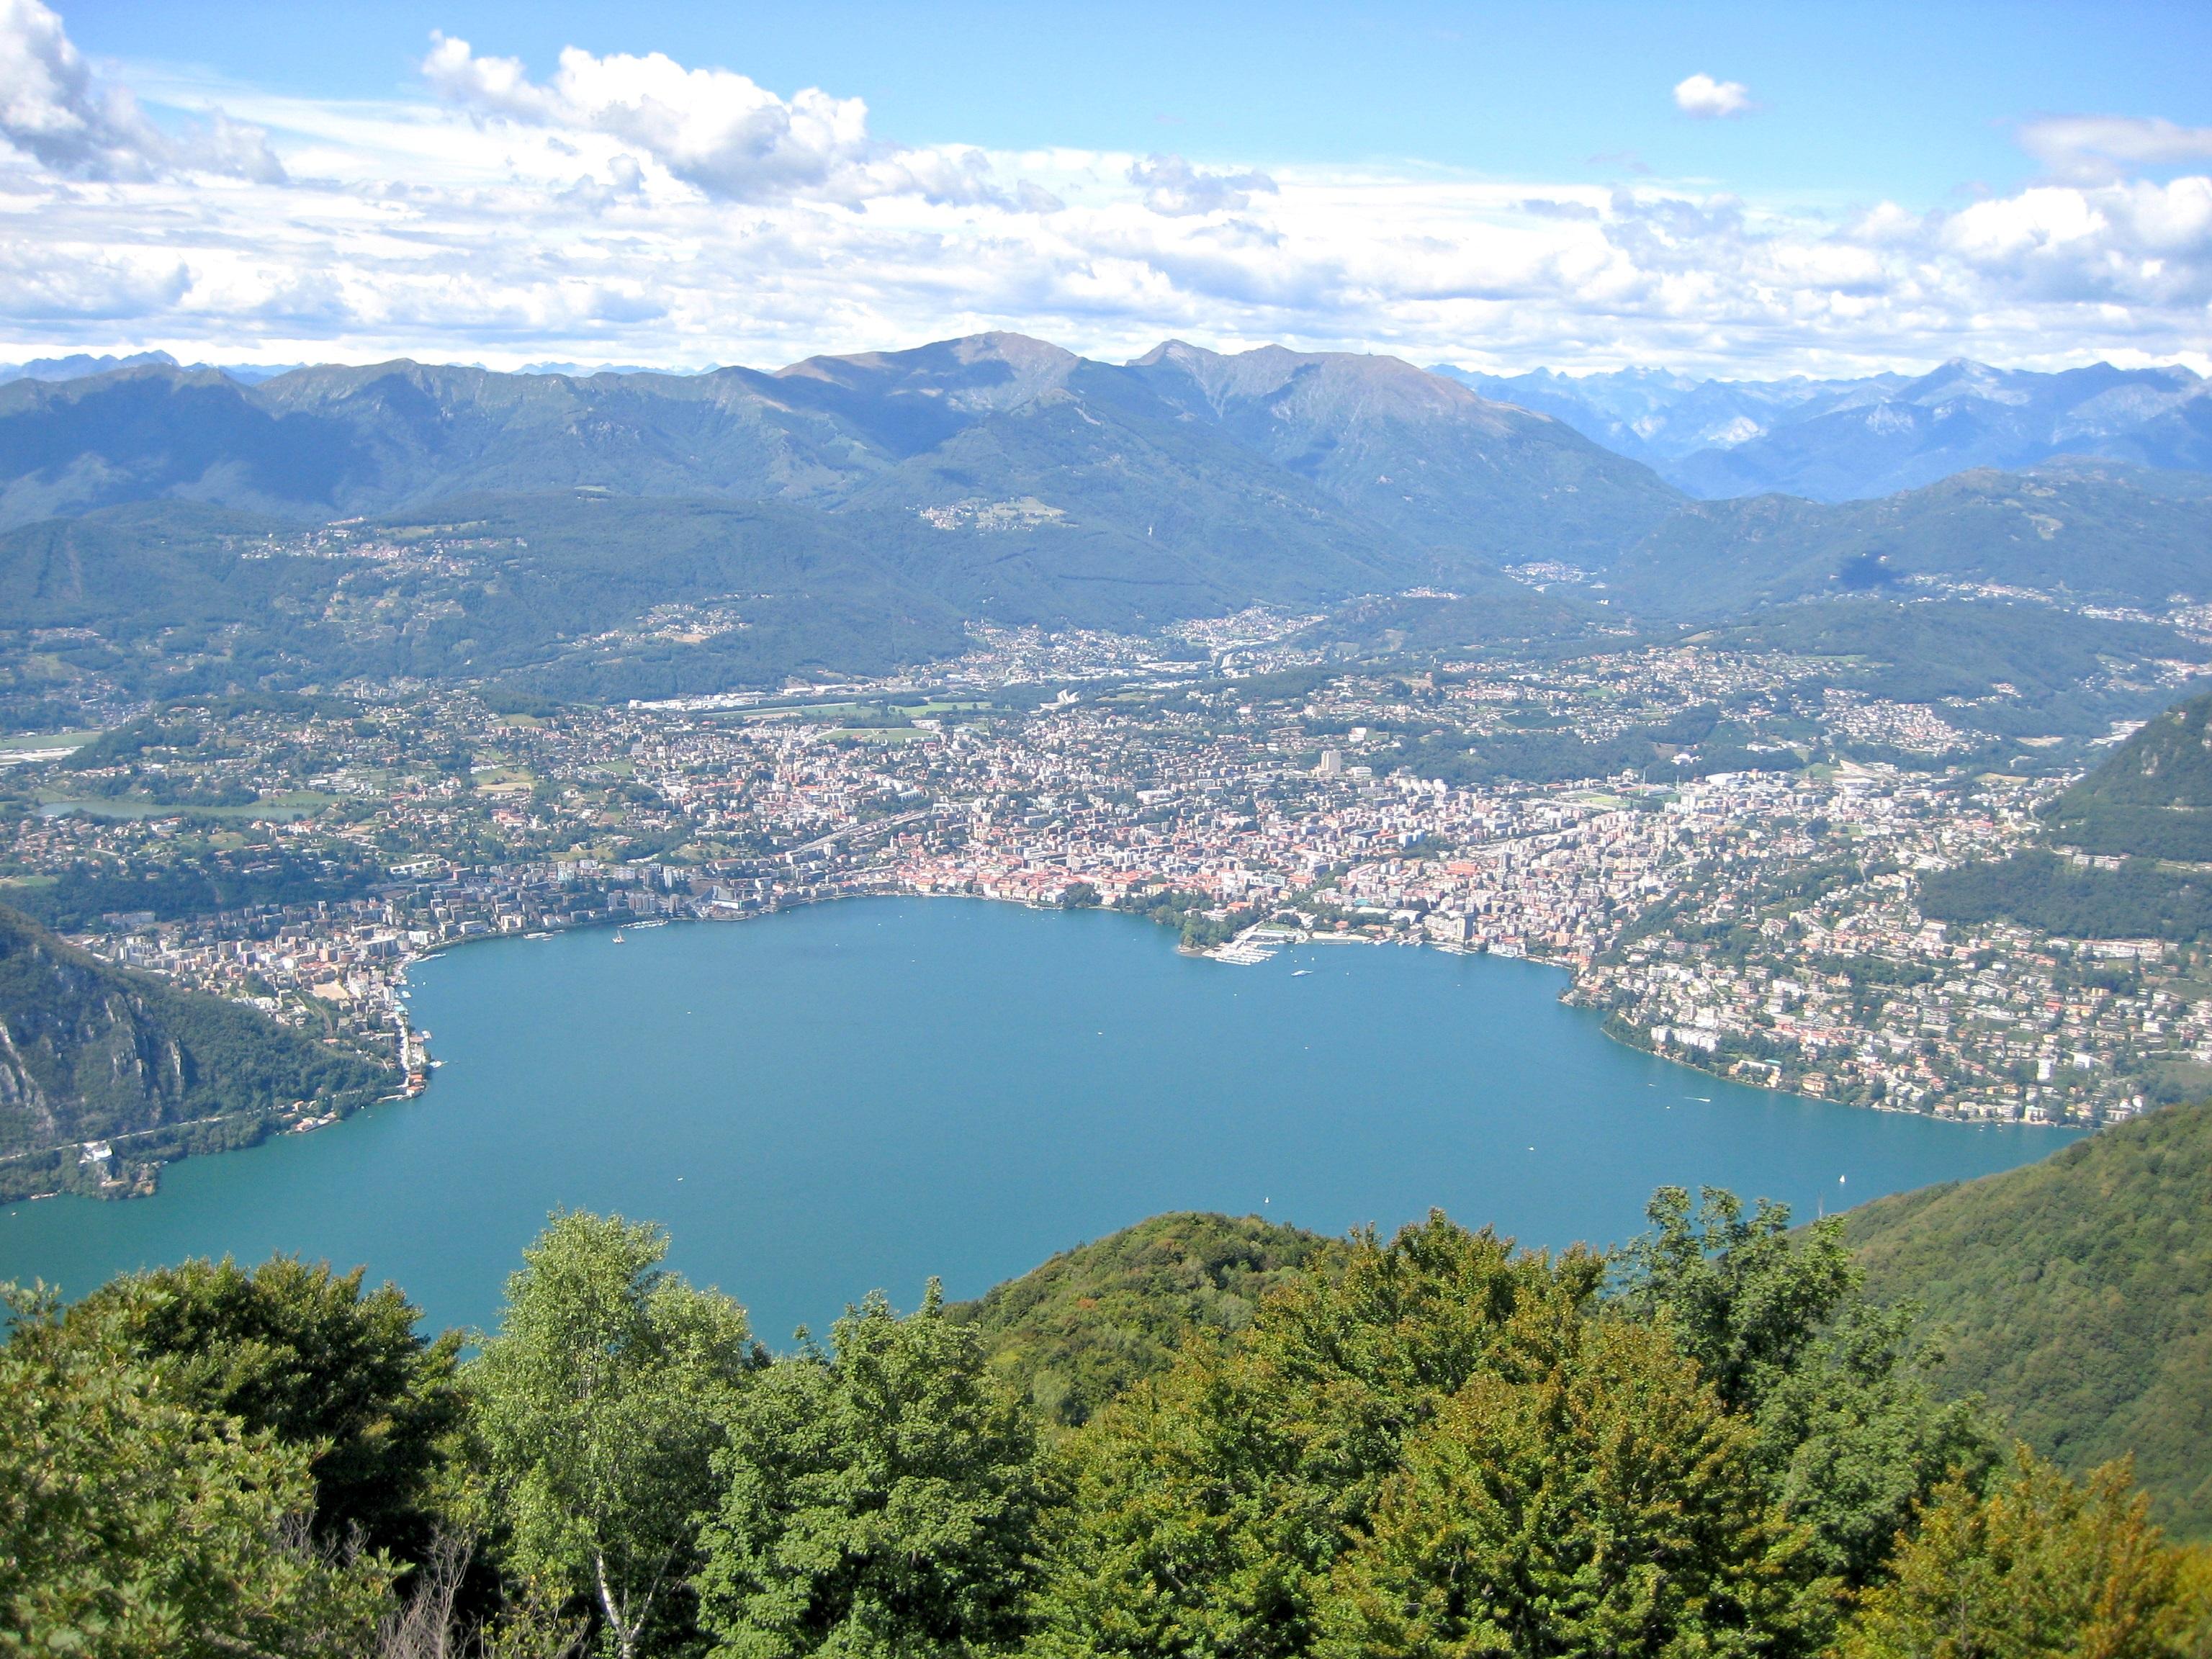 La Location � nei pressi di Lugano, in Ticino, Svizzera